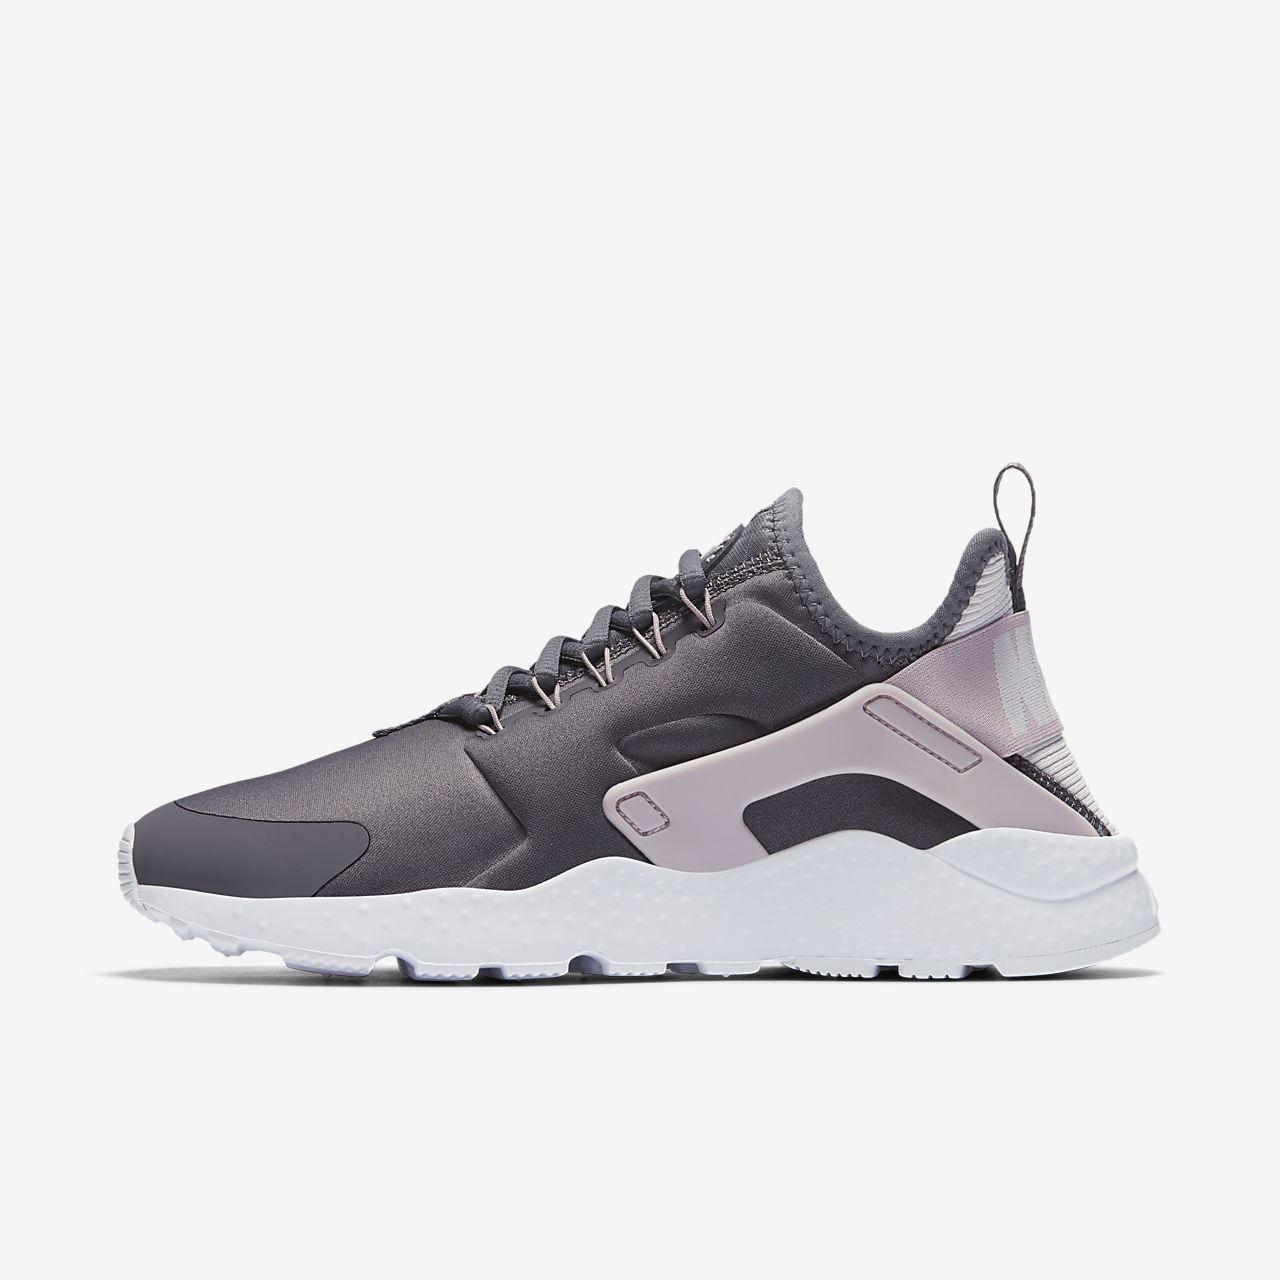 a4ba6efd1896 Nike Air Huarache Ultra Women s Shoe